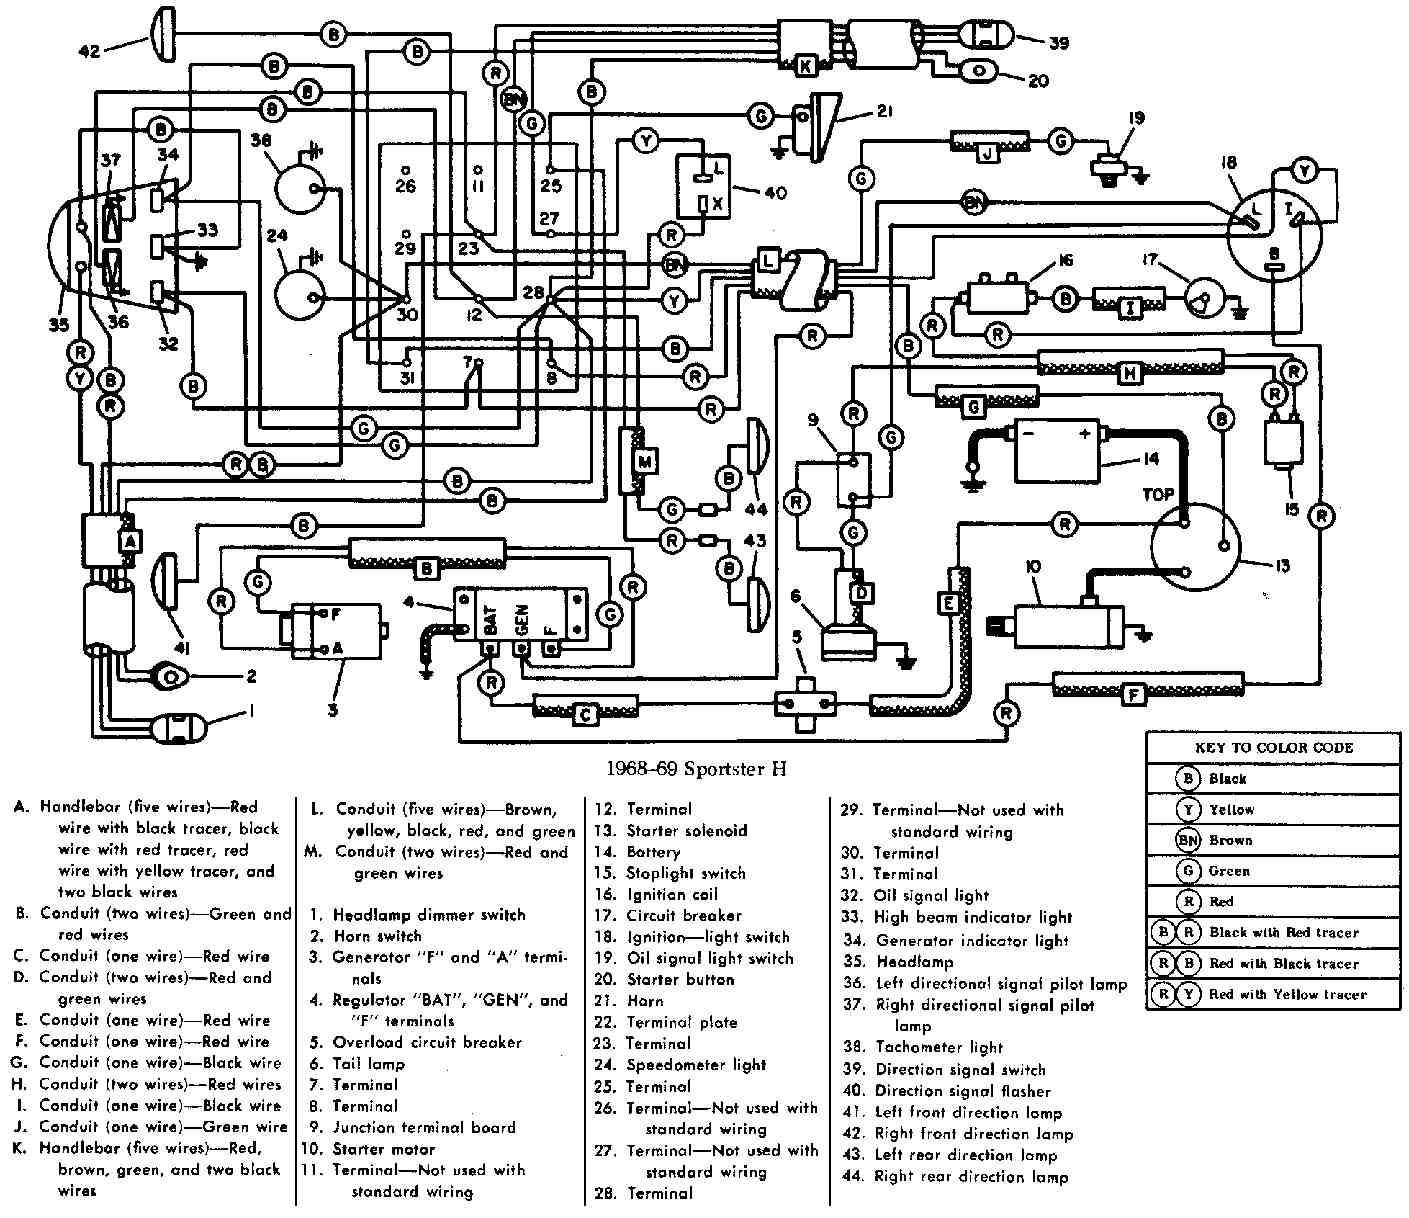 Harley Davidson Turn Signal Ke Wiring Diagram. . Wiring Diagram on